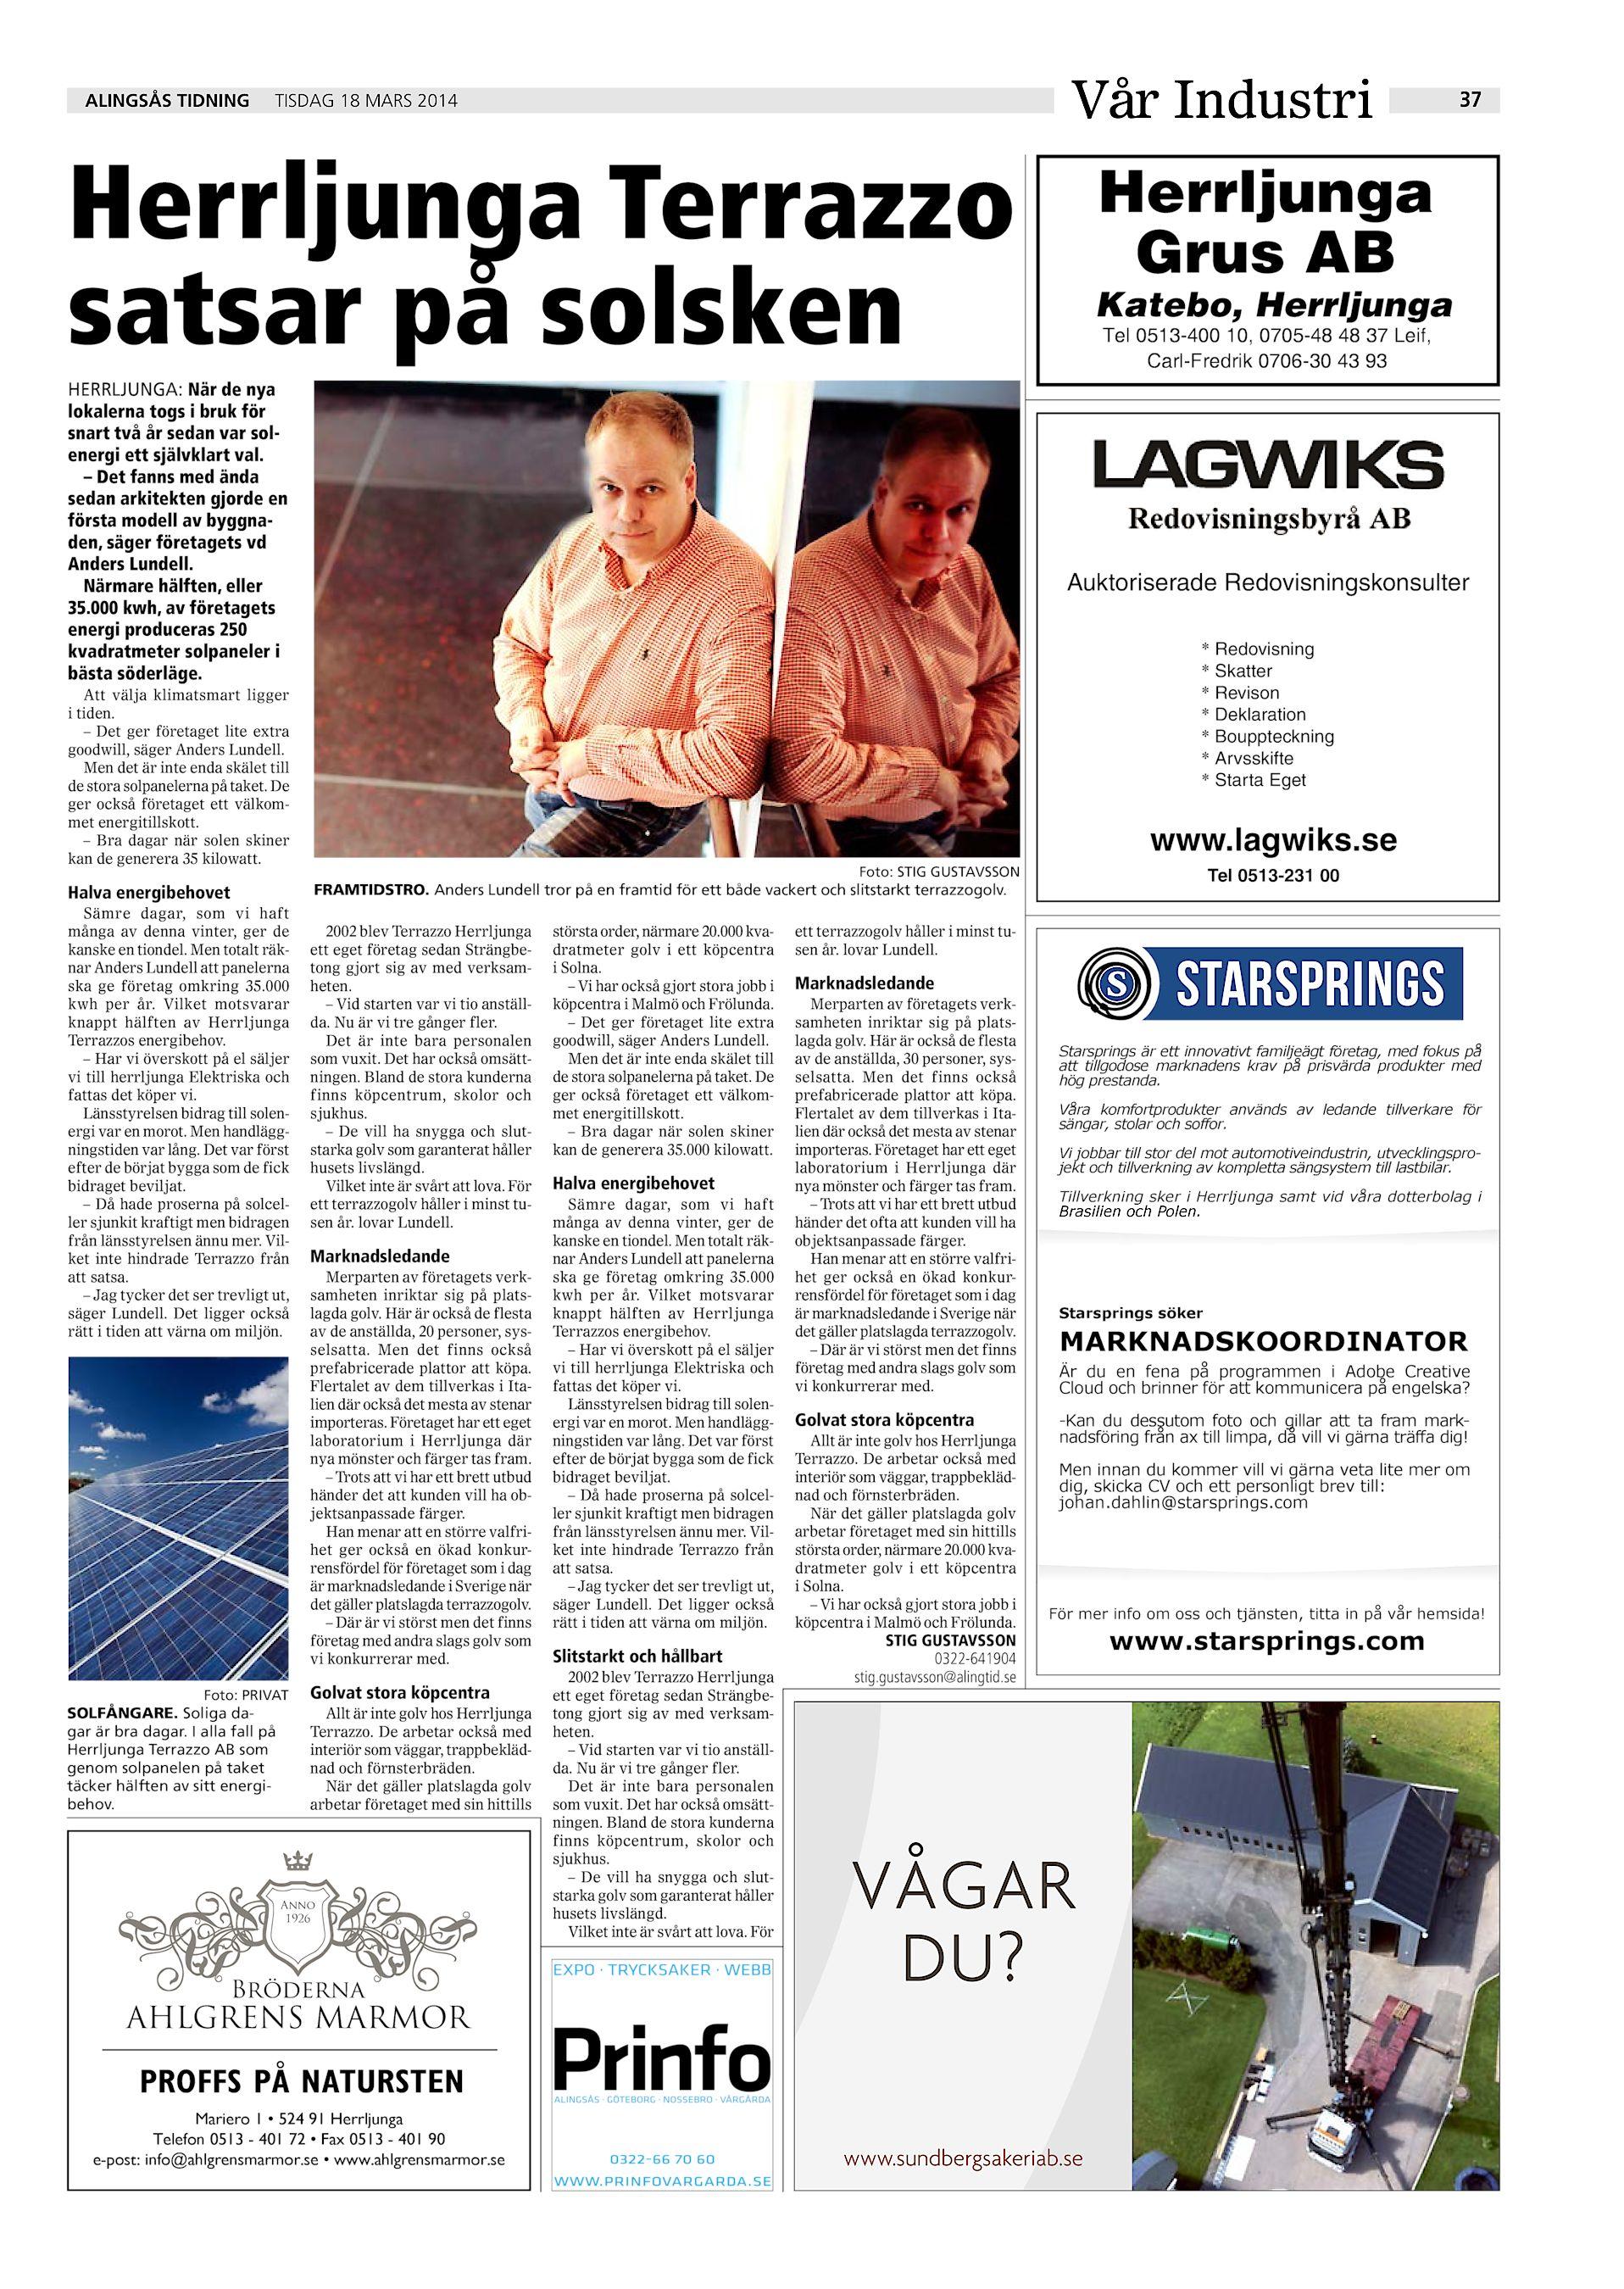 Alfred Gustavsson, Gripsbergsvgen 5, Sollebrunn | satisfaction-survey.net